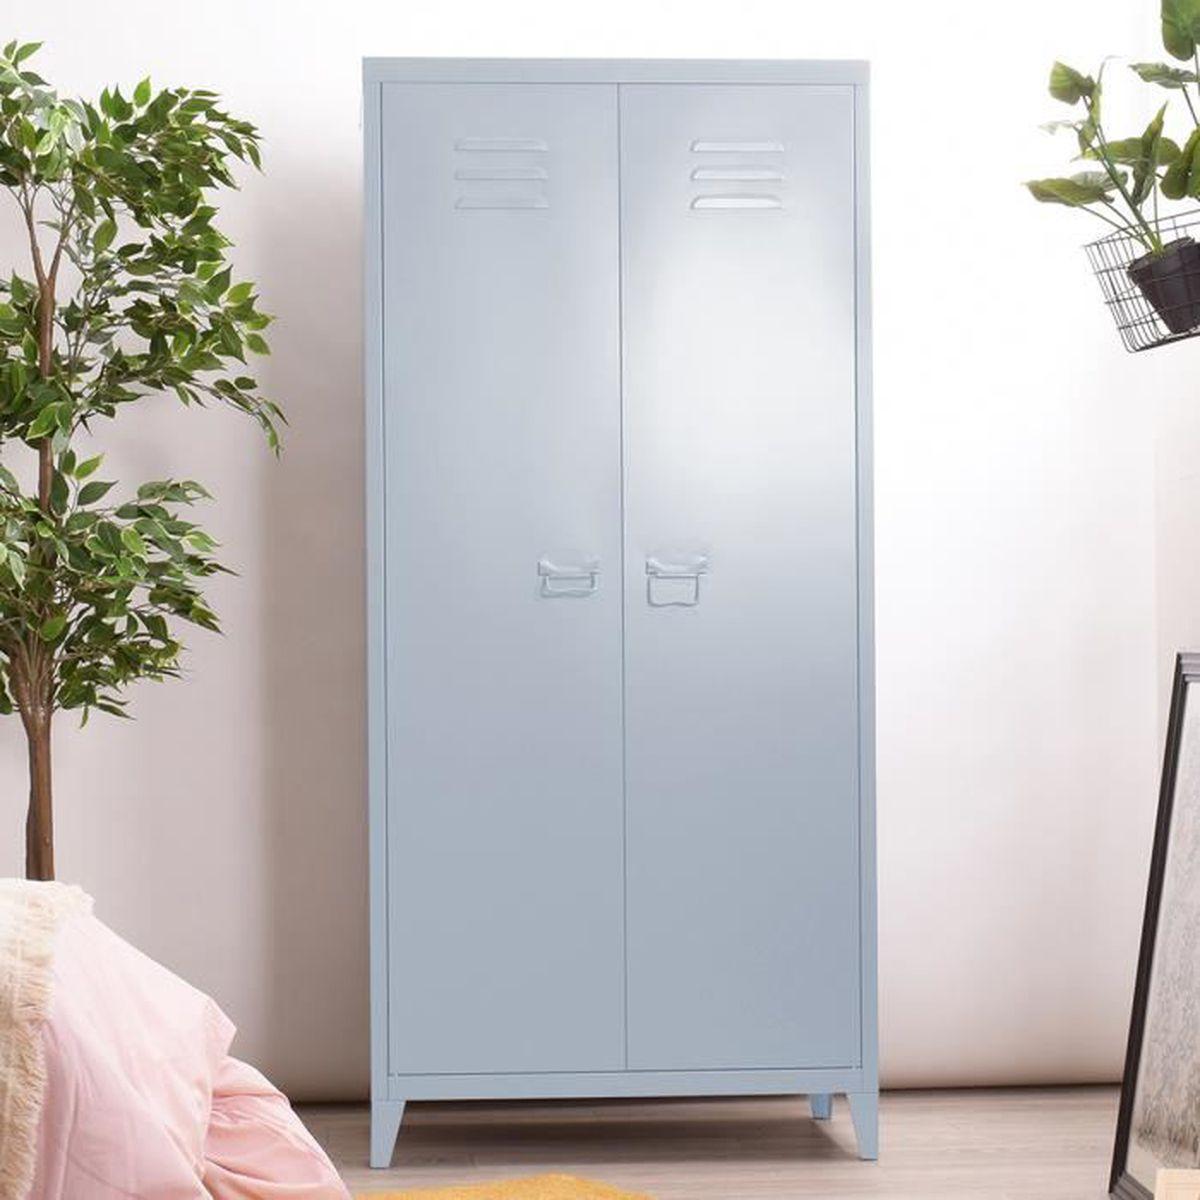 Armoire Dressing Chambre Adulte dressing 2 portes en métal, meuble range-balai armoire